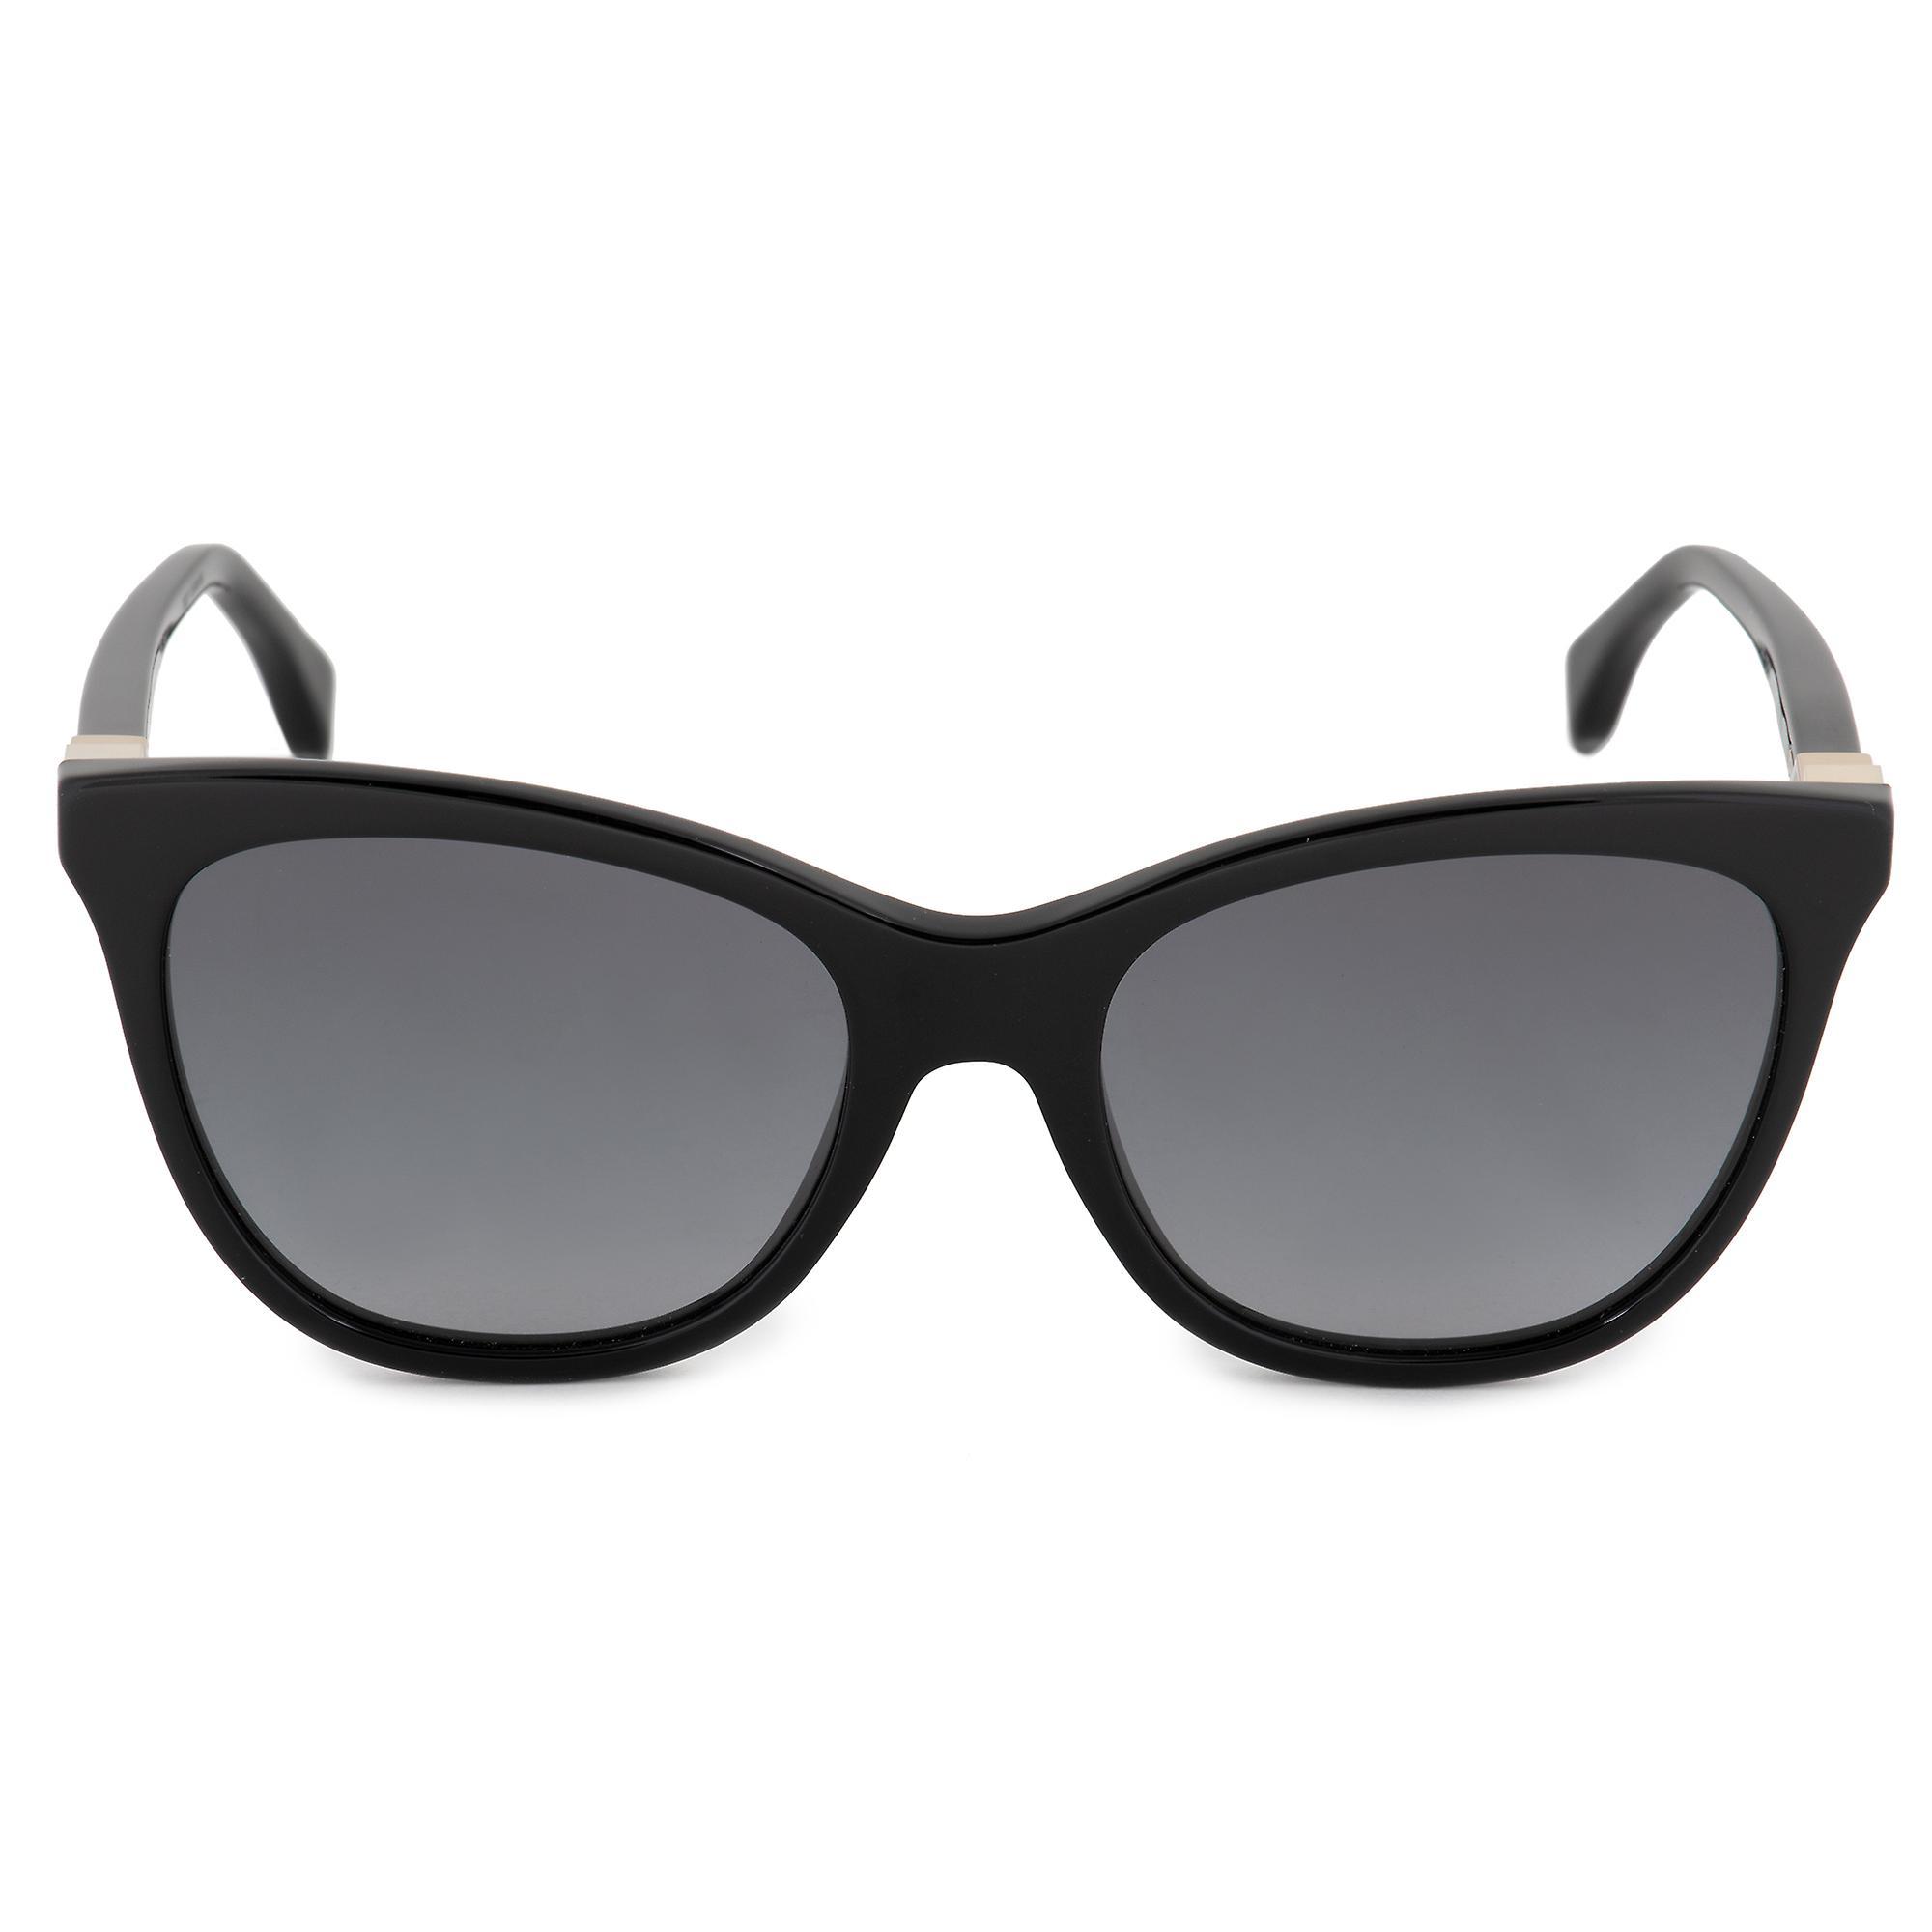 Fendi FF 0200 S 807 HD 55 Cat Eye Sunglasses